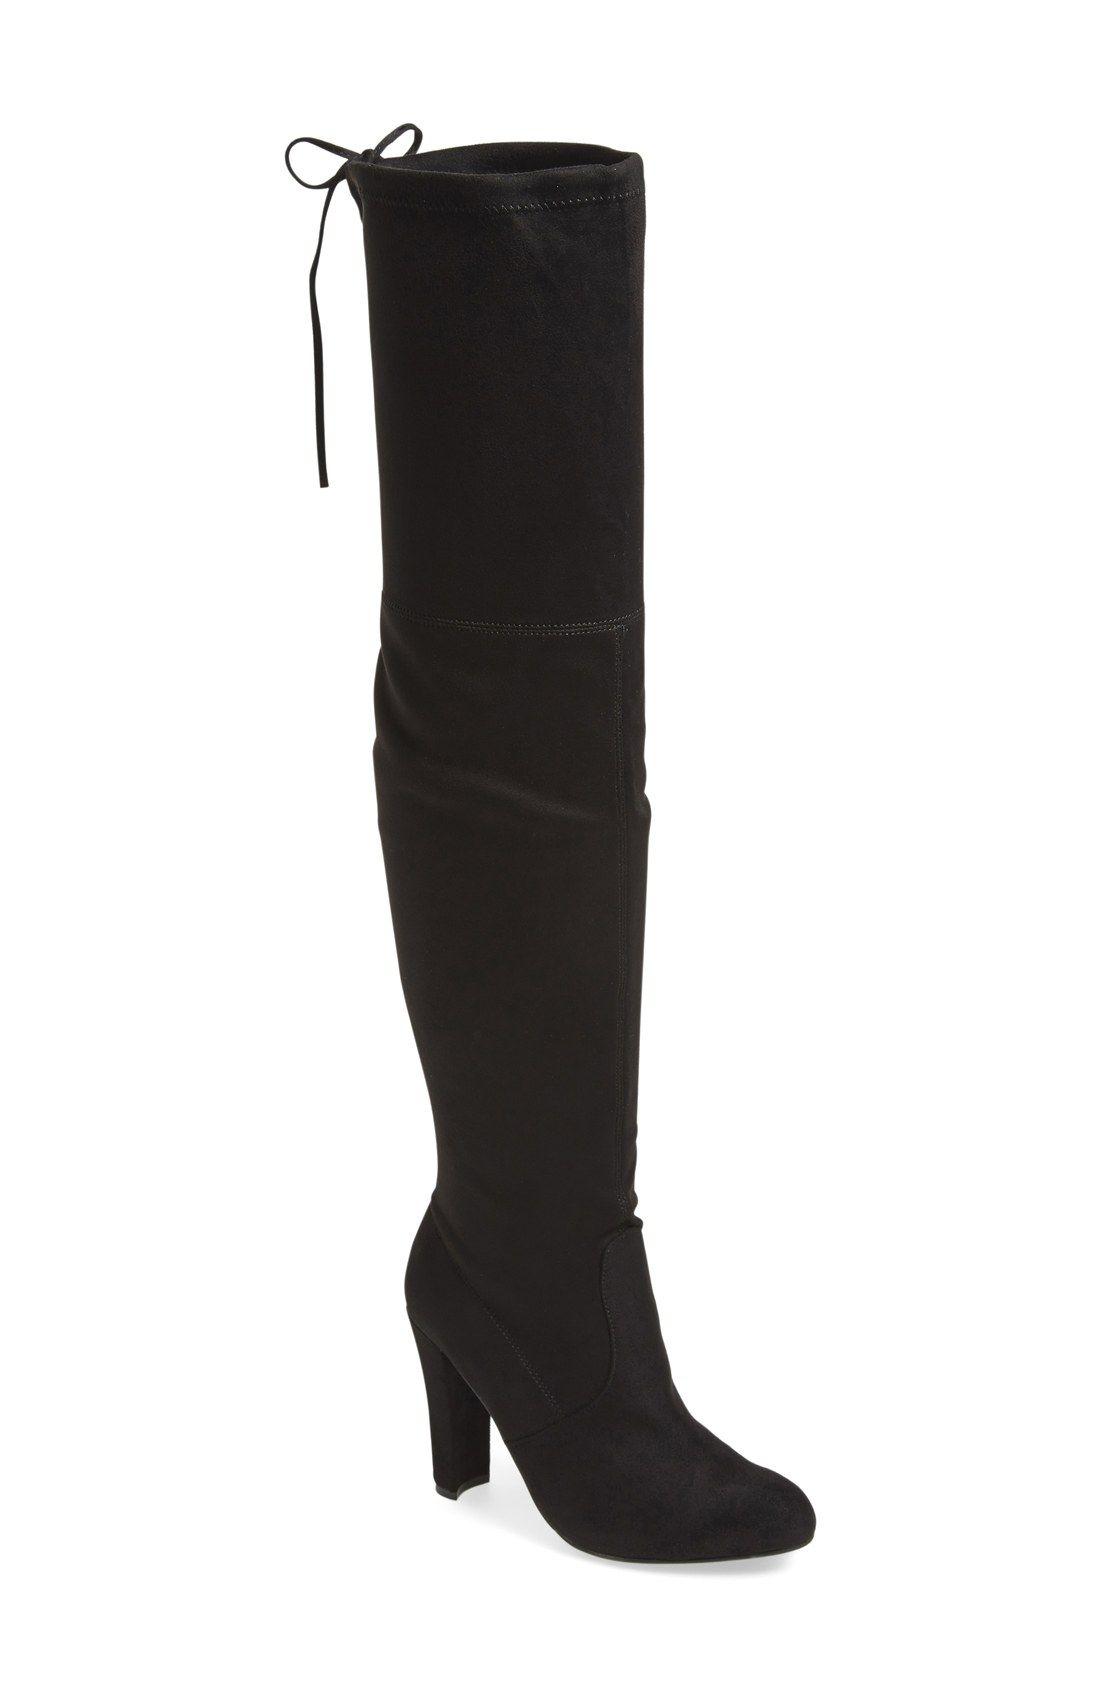 73c23973984 Steve Madden  Gorgeous  Over the Knee Boot (Women)